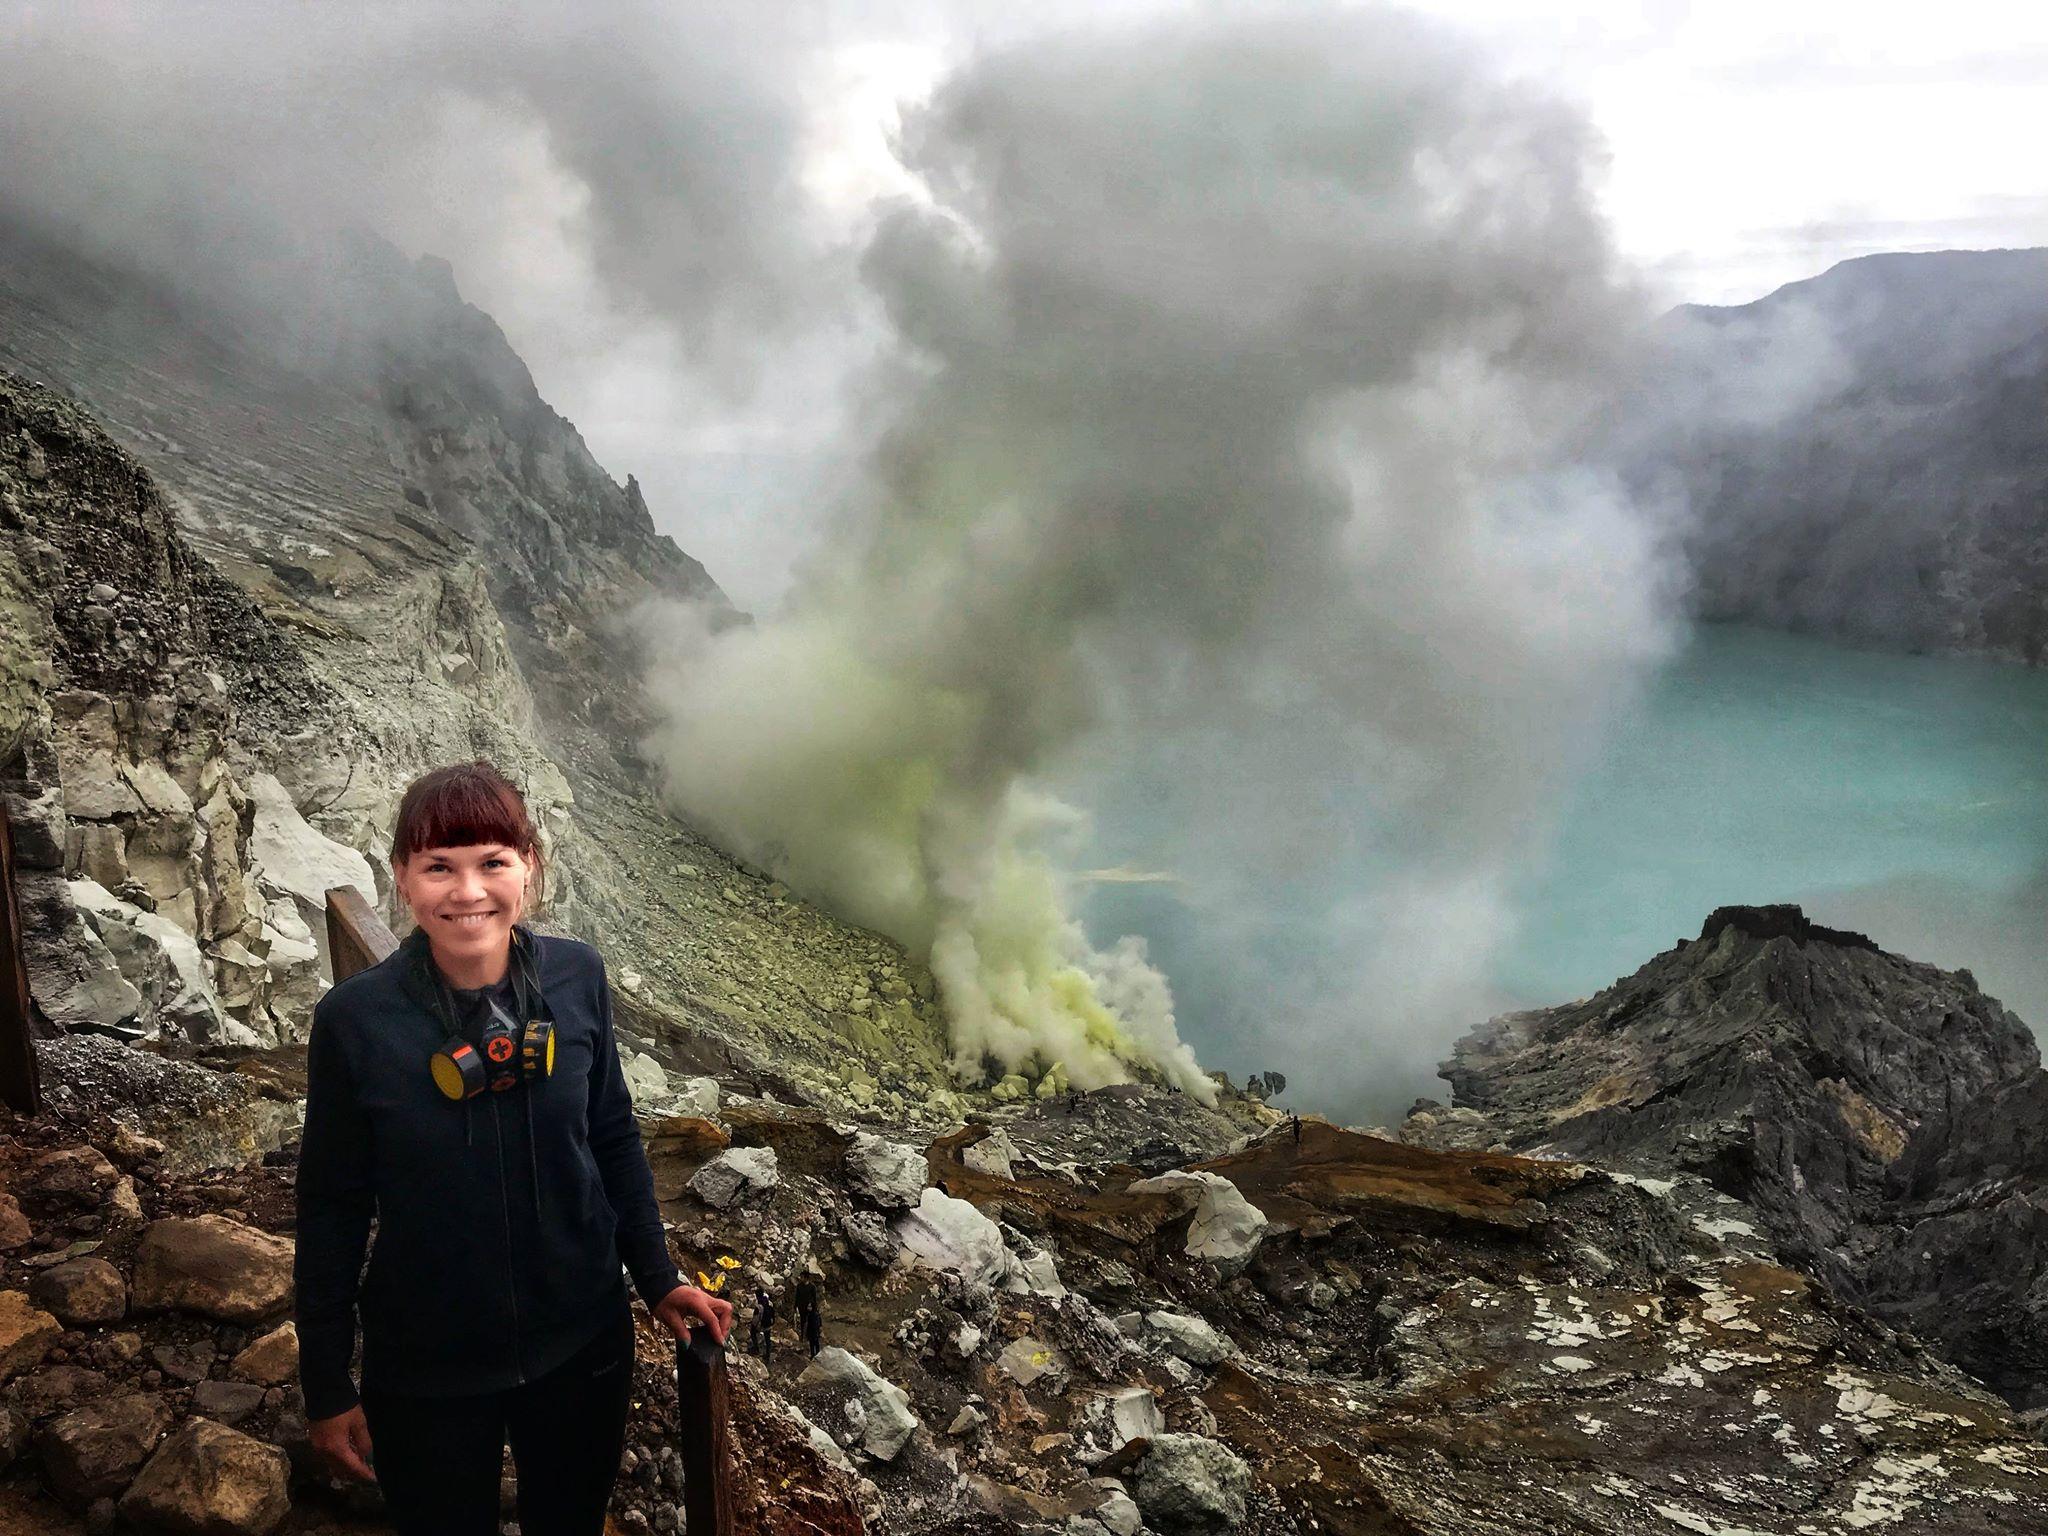 Запахло серой: ночной подъем на вулкан Иджен на острове Ява Запахло серой: ночной подъем на вулкан Иджен на острове Ява 29681161 1979885685661835 1712768135 o